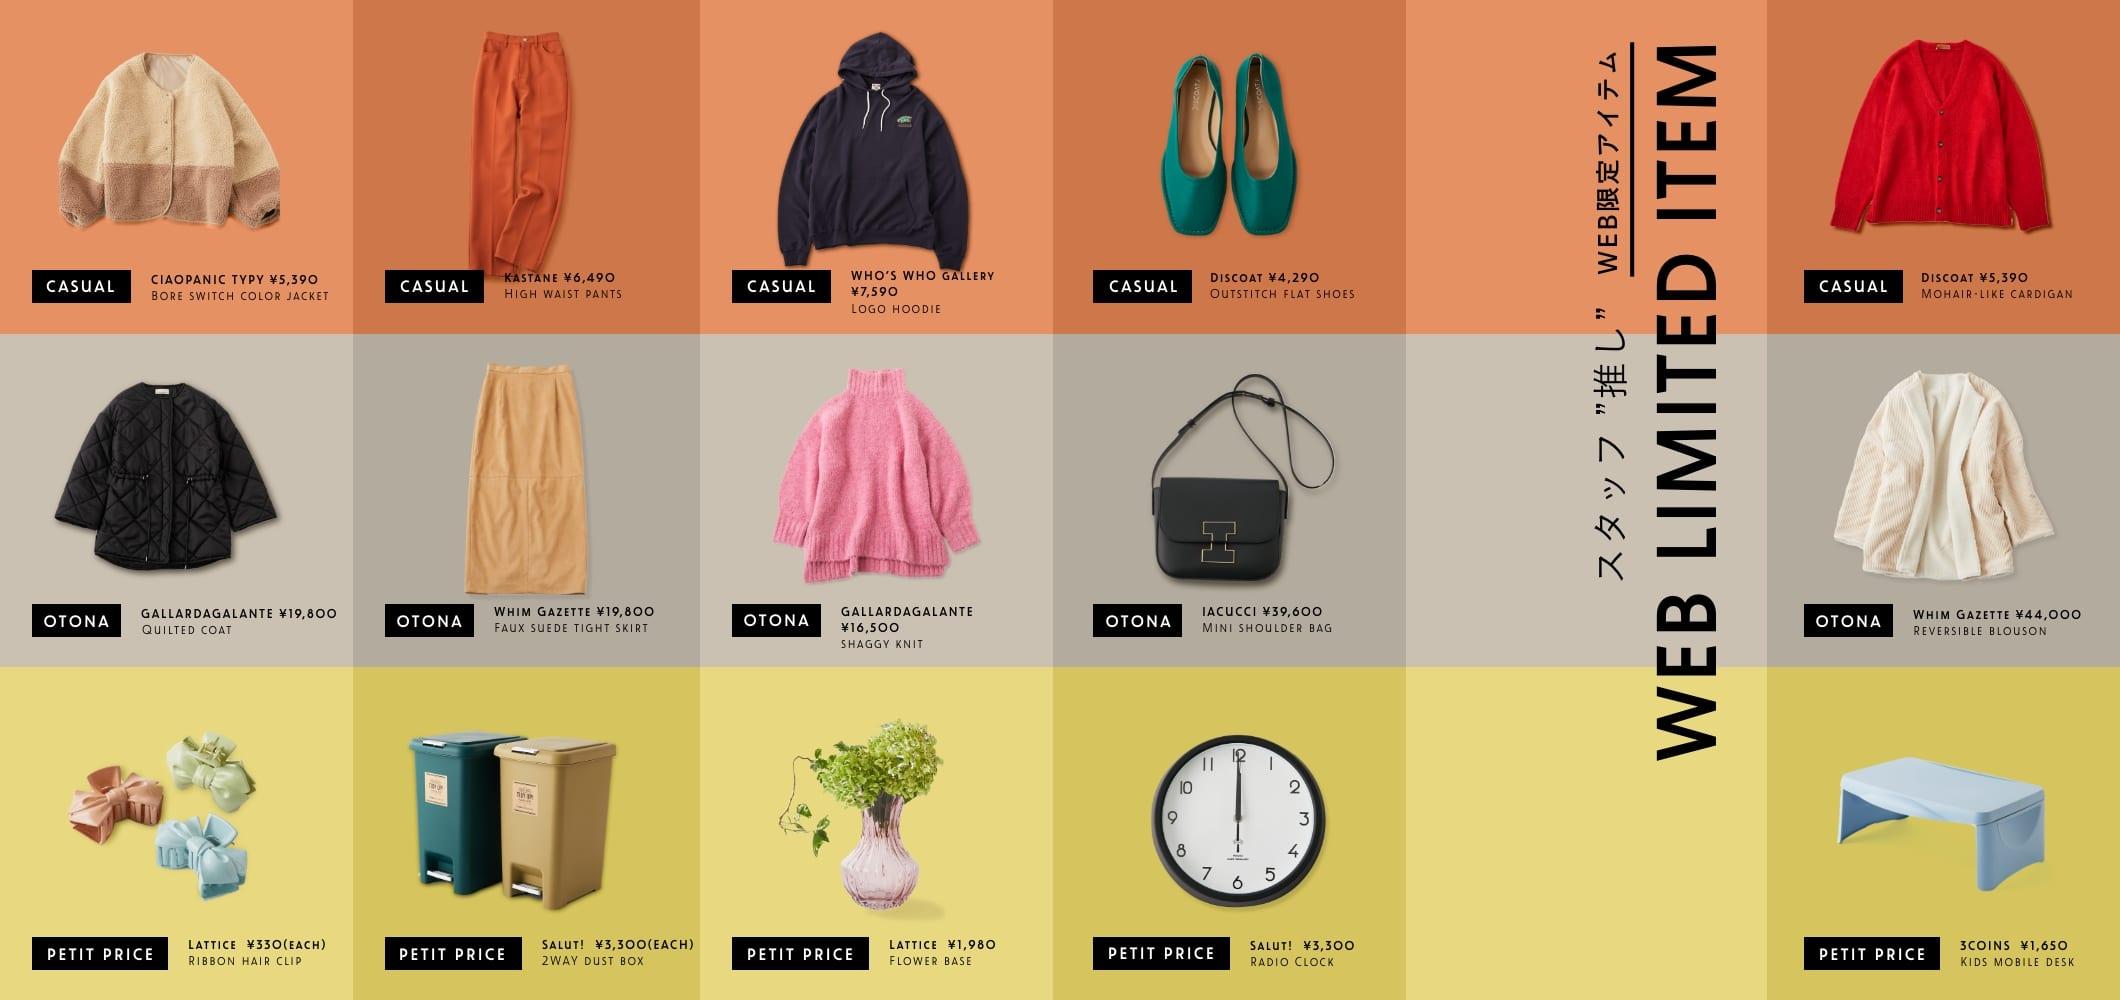 インテリア・雑貨 ファッション カジュアル かわいい シンプル スタイリッシュ・おしゃれ ポップ 切り抜きのバナーデザイン